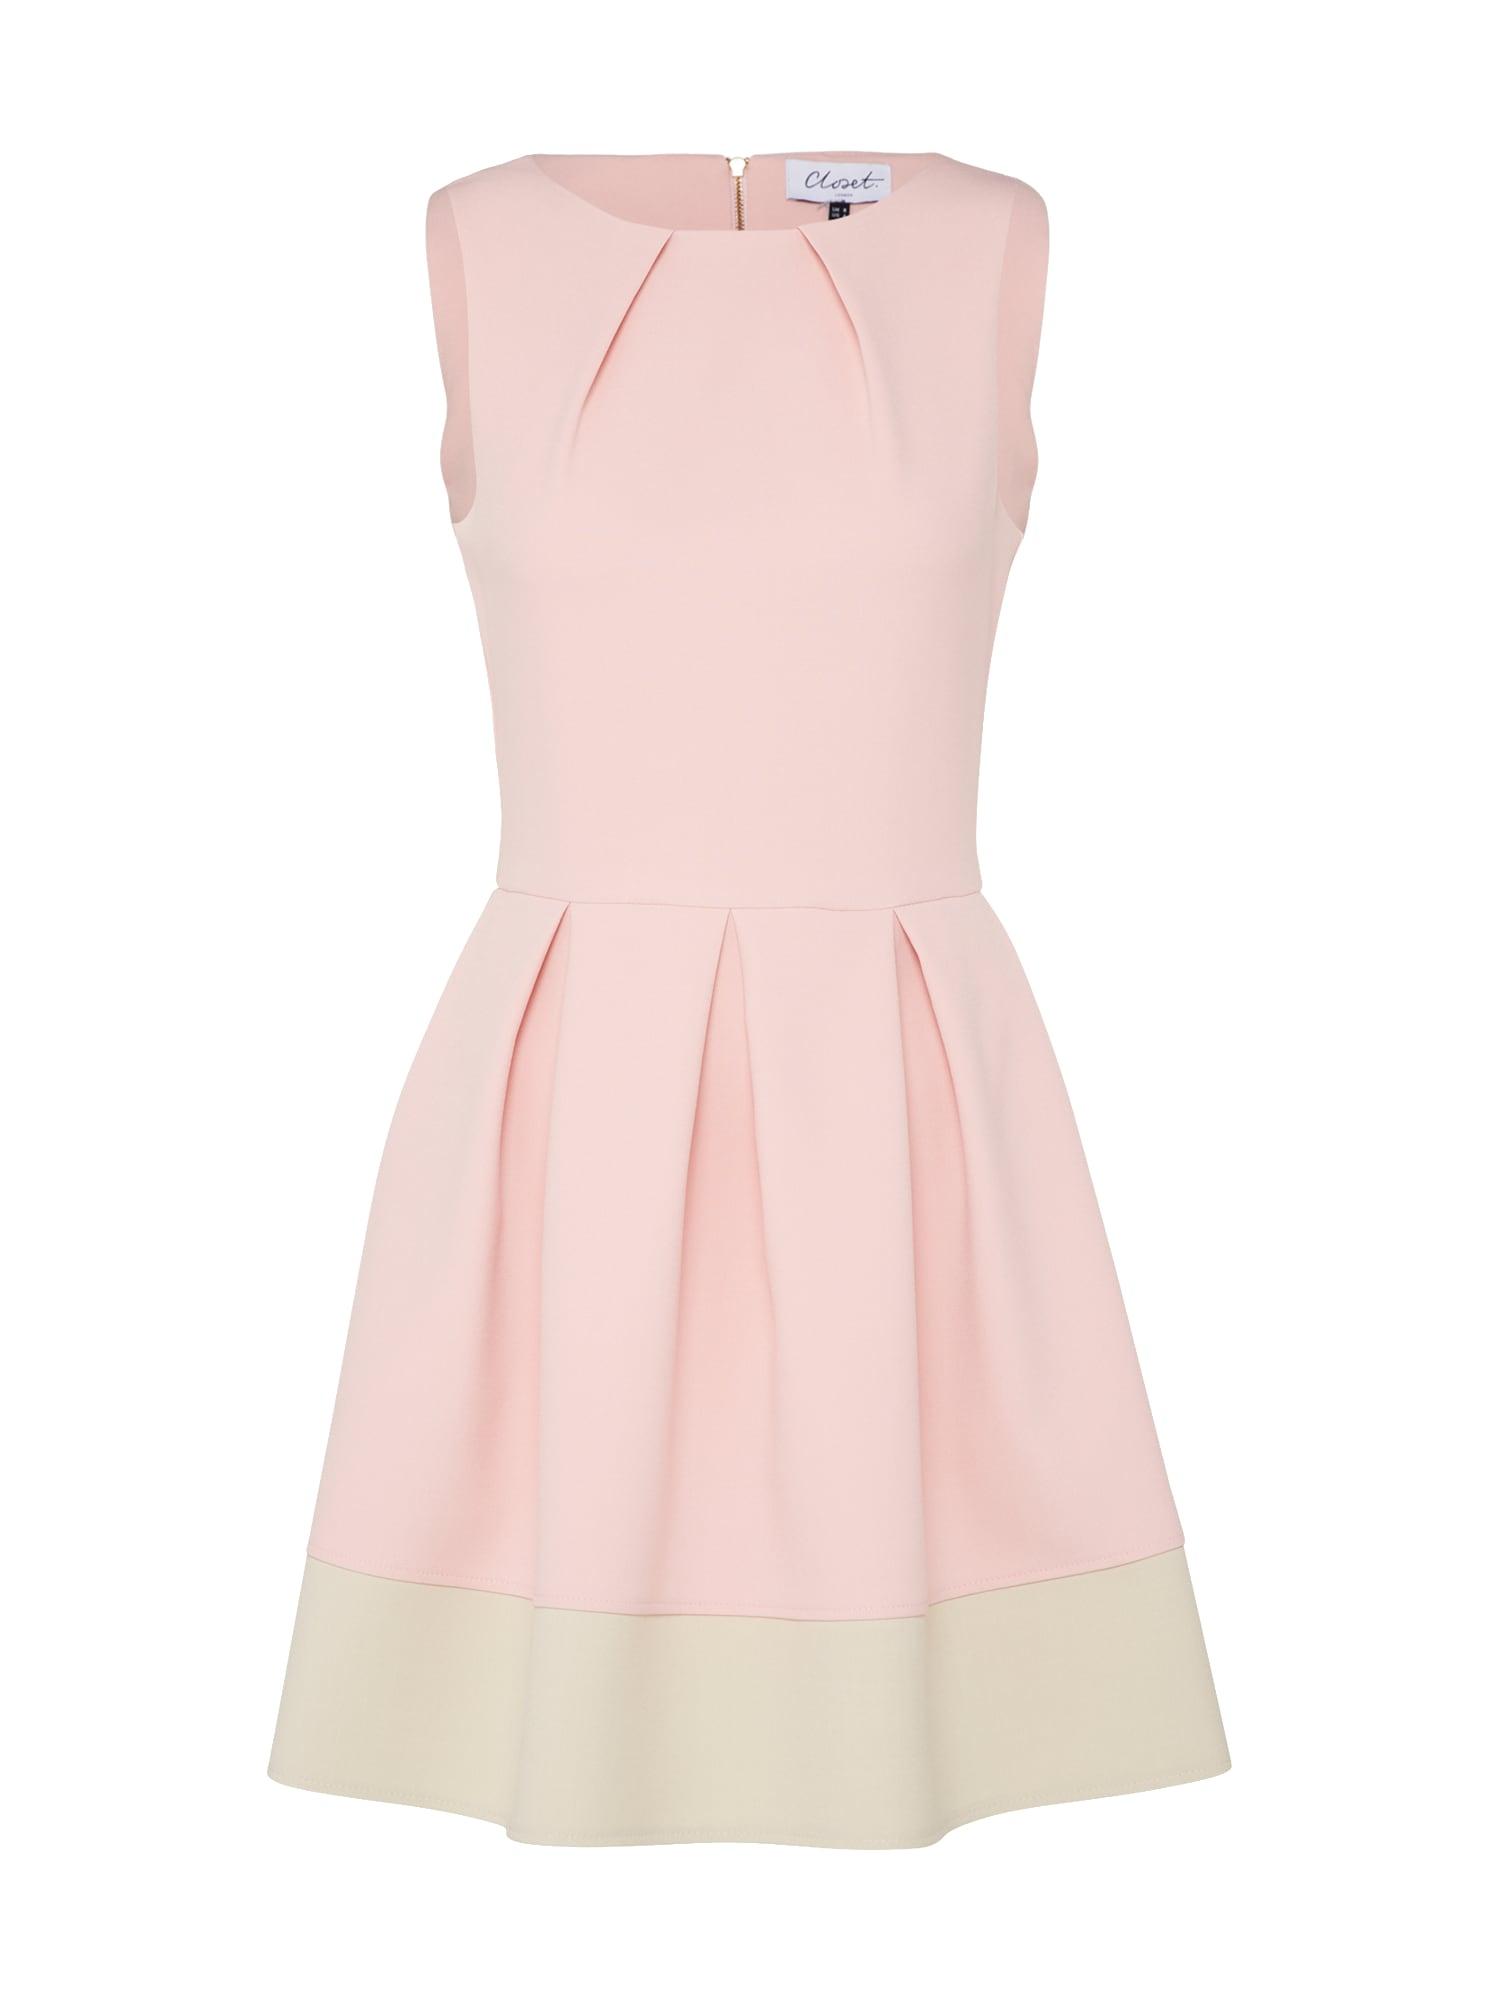 Closet London Trumpa kokteilinė suknelė rožinė / natūrali balta